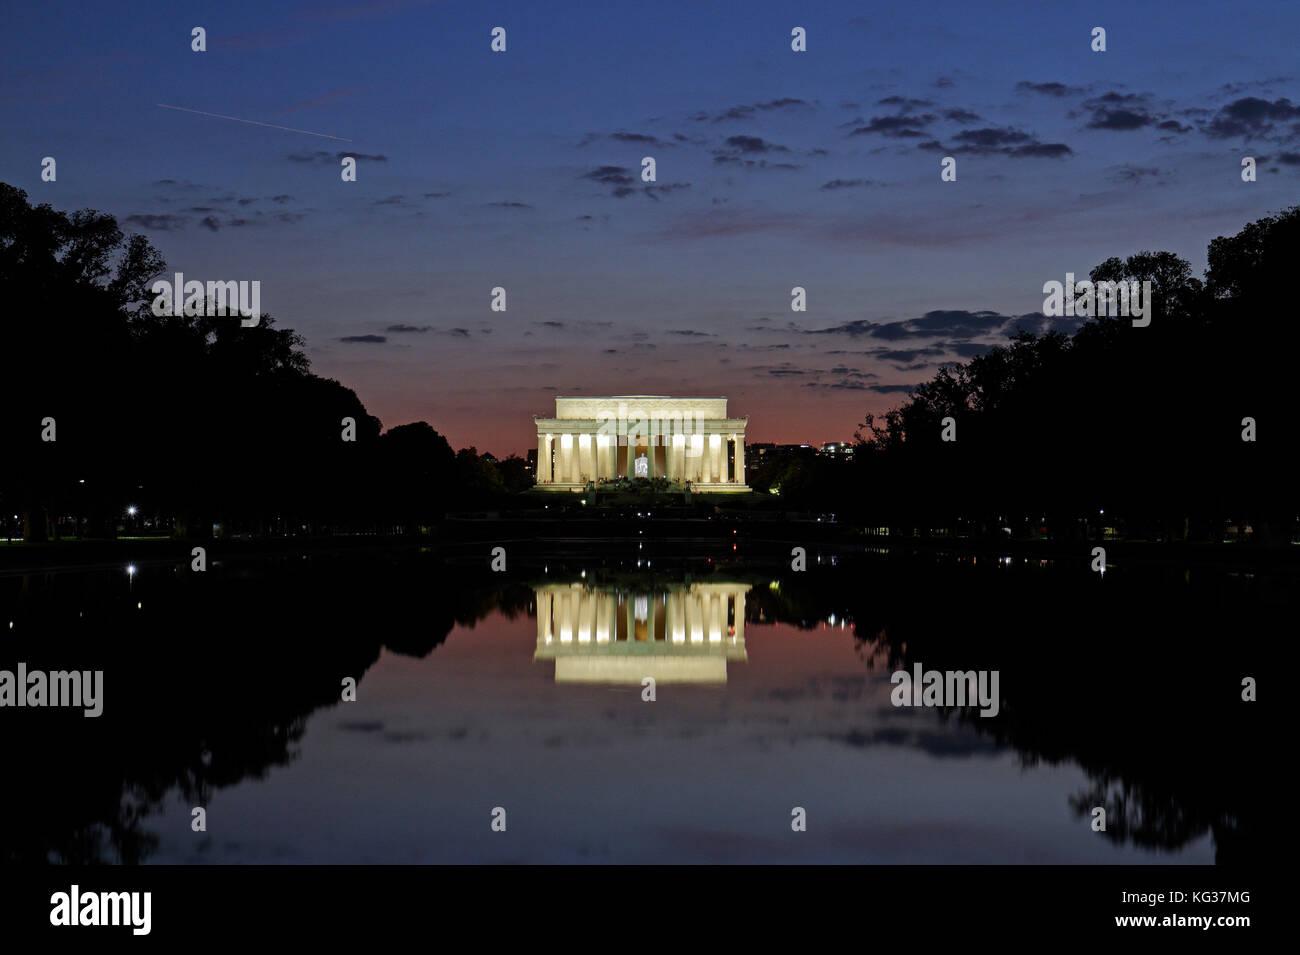 Sonnenuntergang über den Pool und das Lincoln Memorial, Washington DC, Vereinigte Staaten von Amerika widerspiegelt. Stockbild